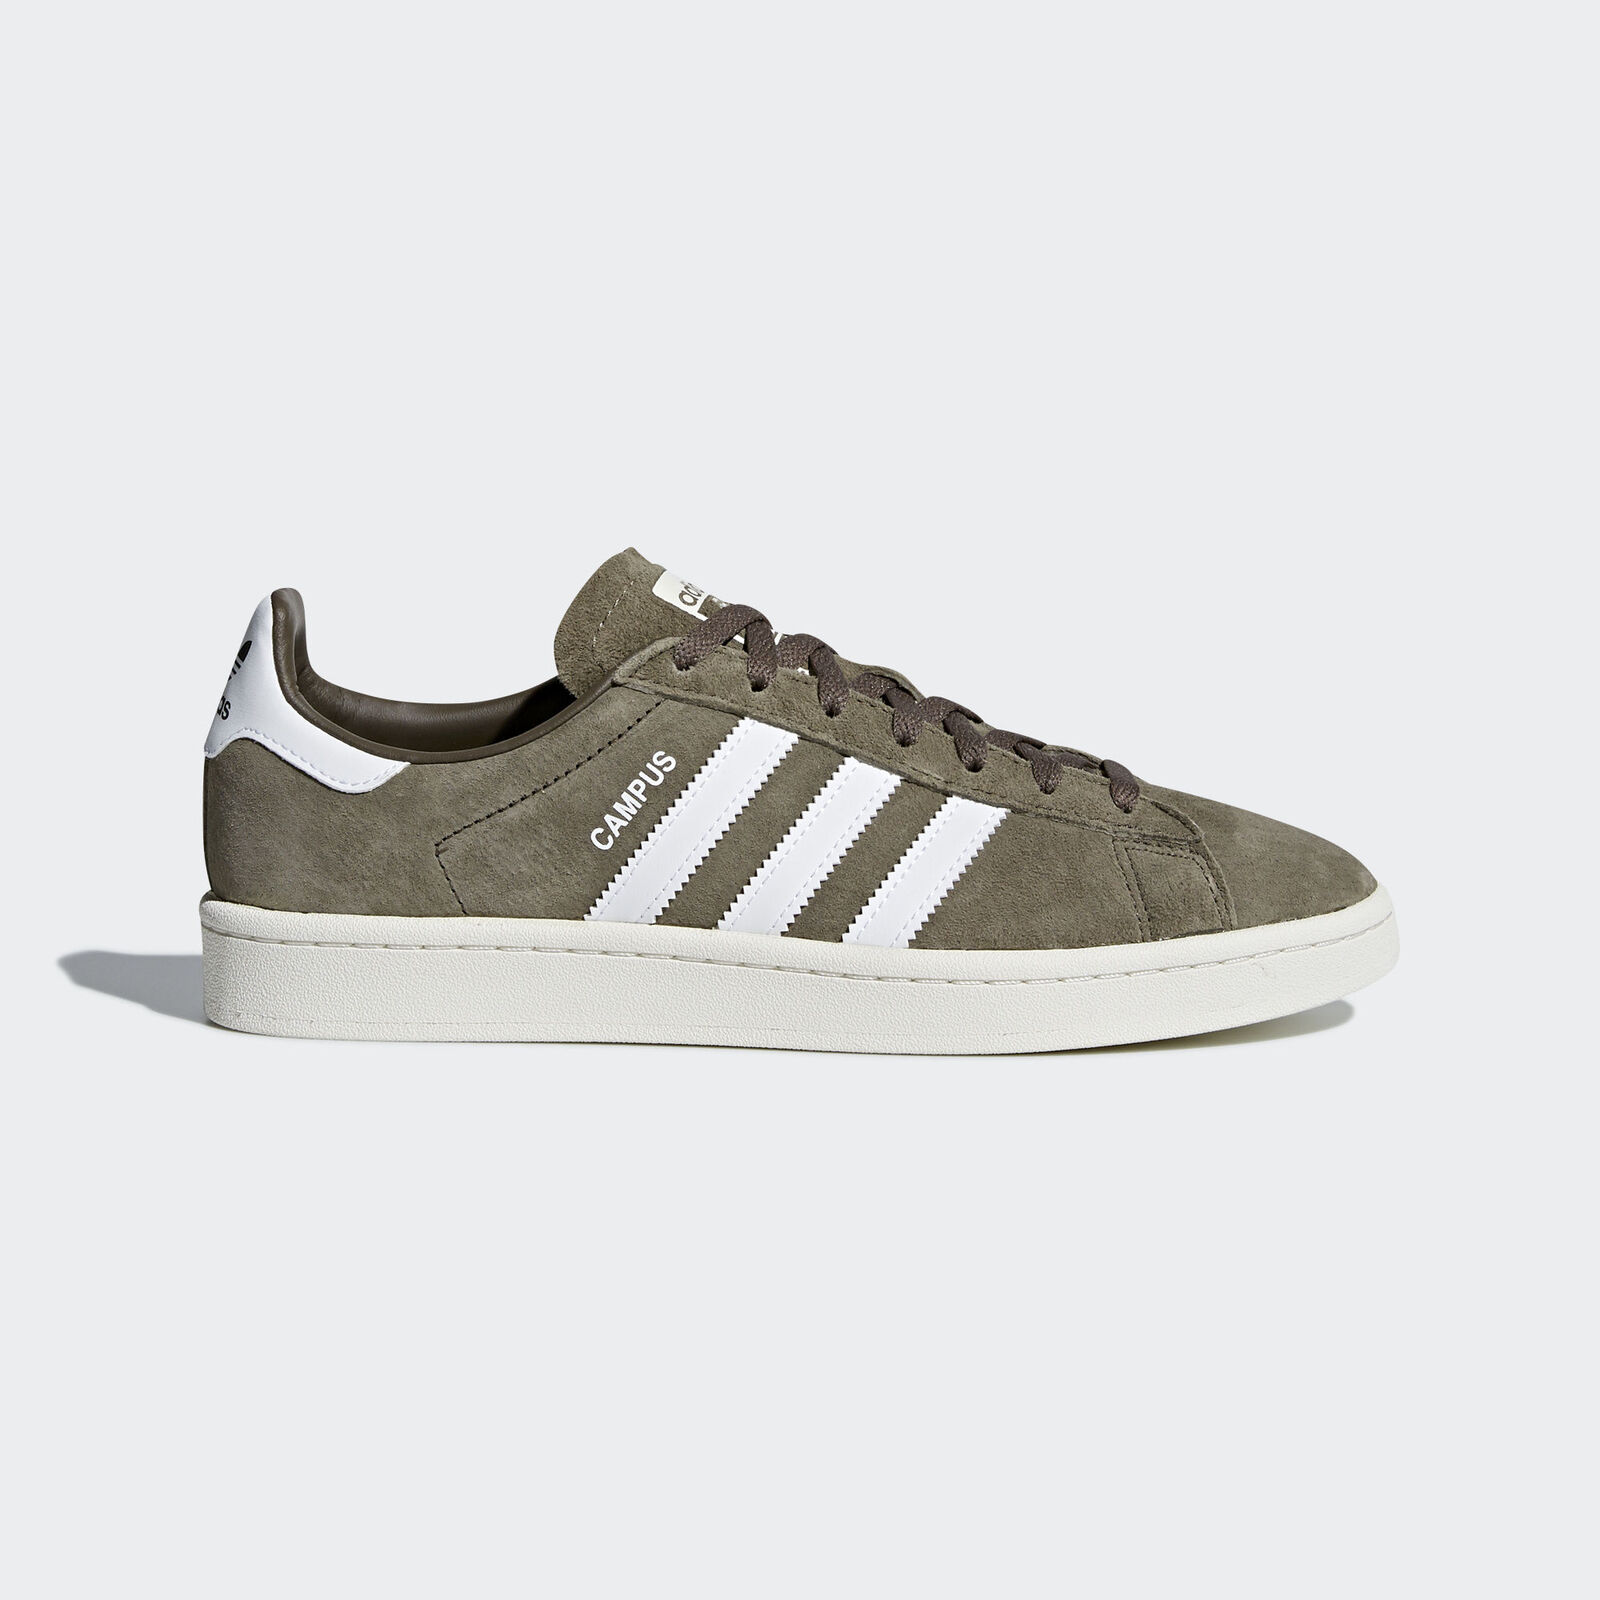 Adidas Originals Campus la reducción hombres del precio de los hombres reducción zapatos casuales Branch / blanco 0670be